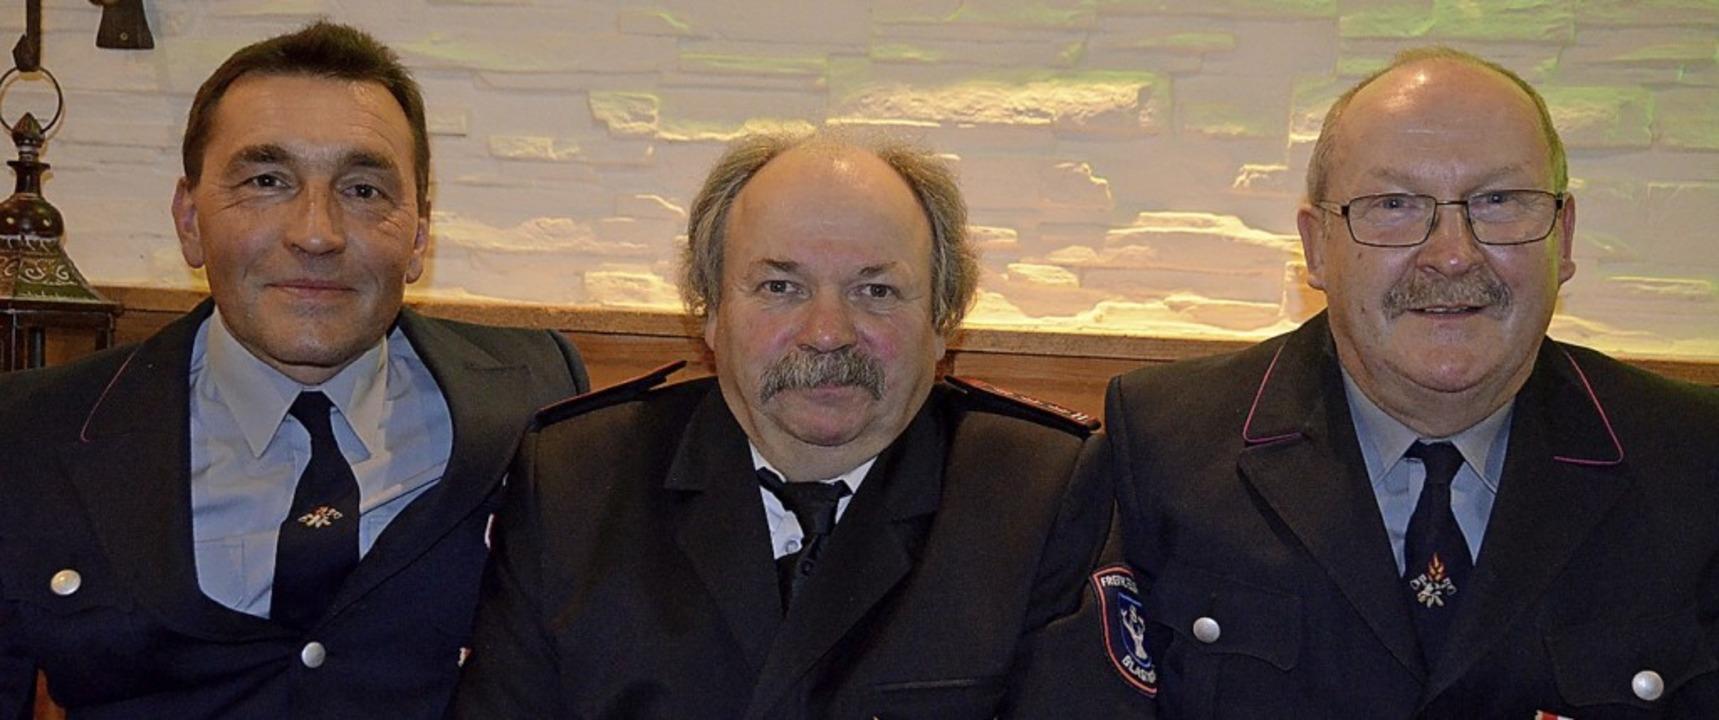 Seit 40 Jahren stehen Harald Modispach...(von links) im Dienst  der Feuerwehr.   | Foto: Christiane Sahli